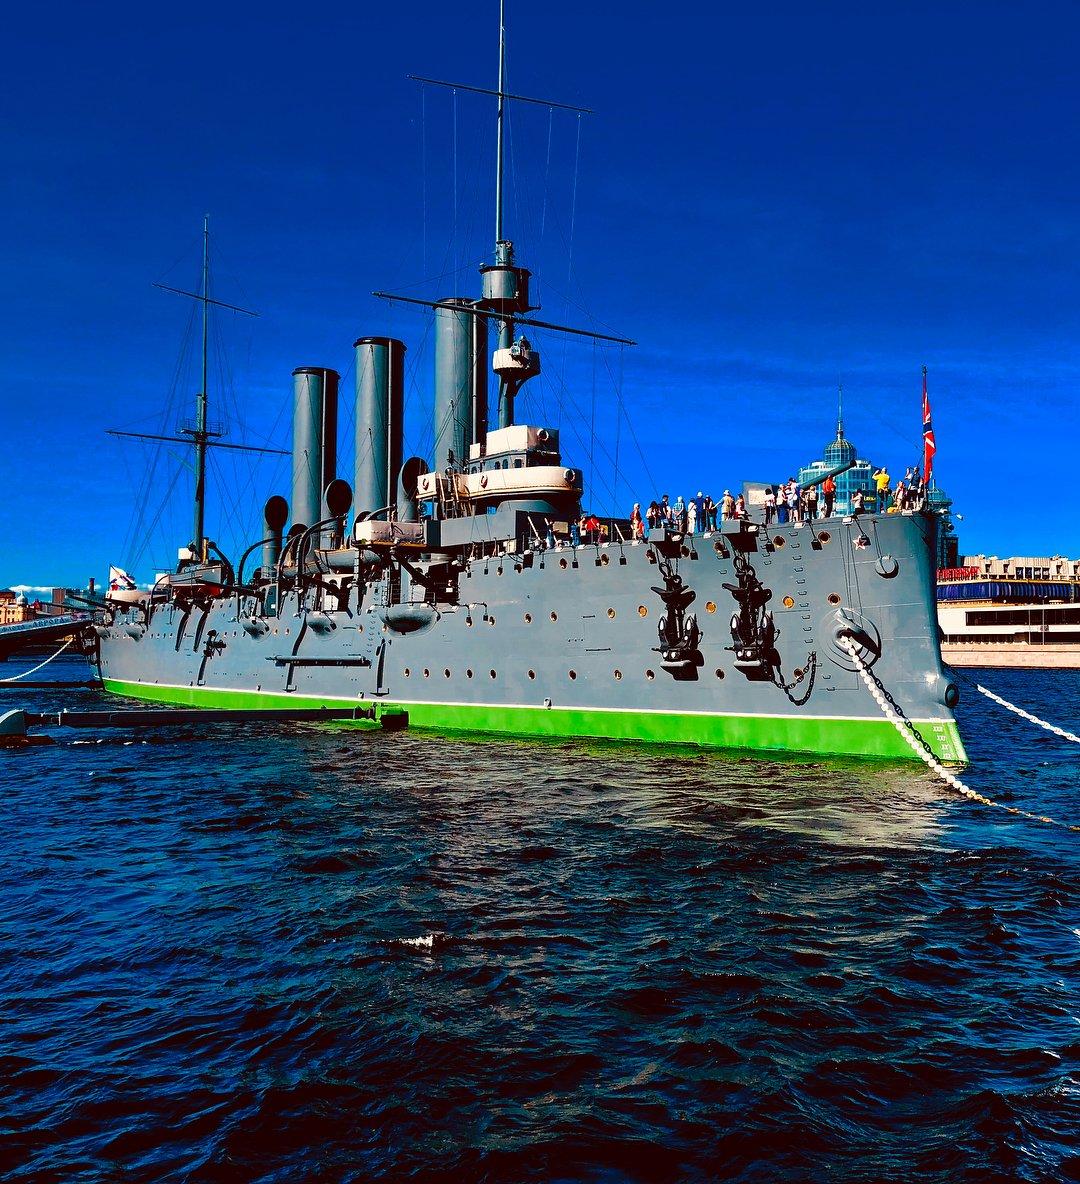 уже санкт петербург фото крейсер аврора этот день она